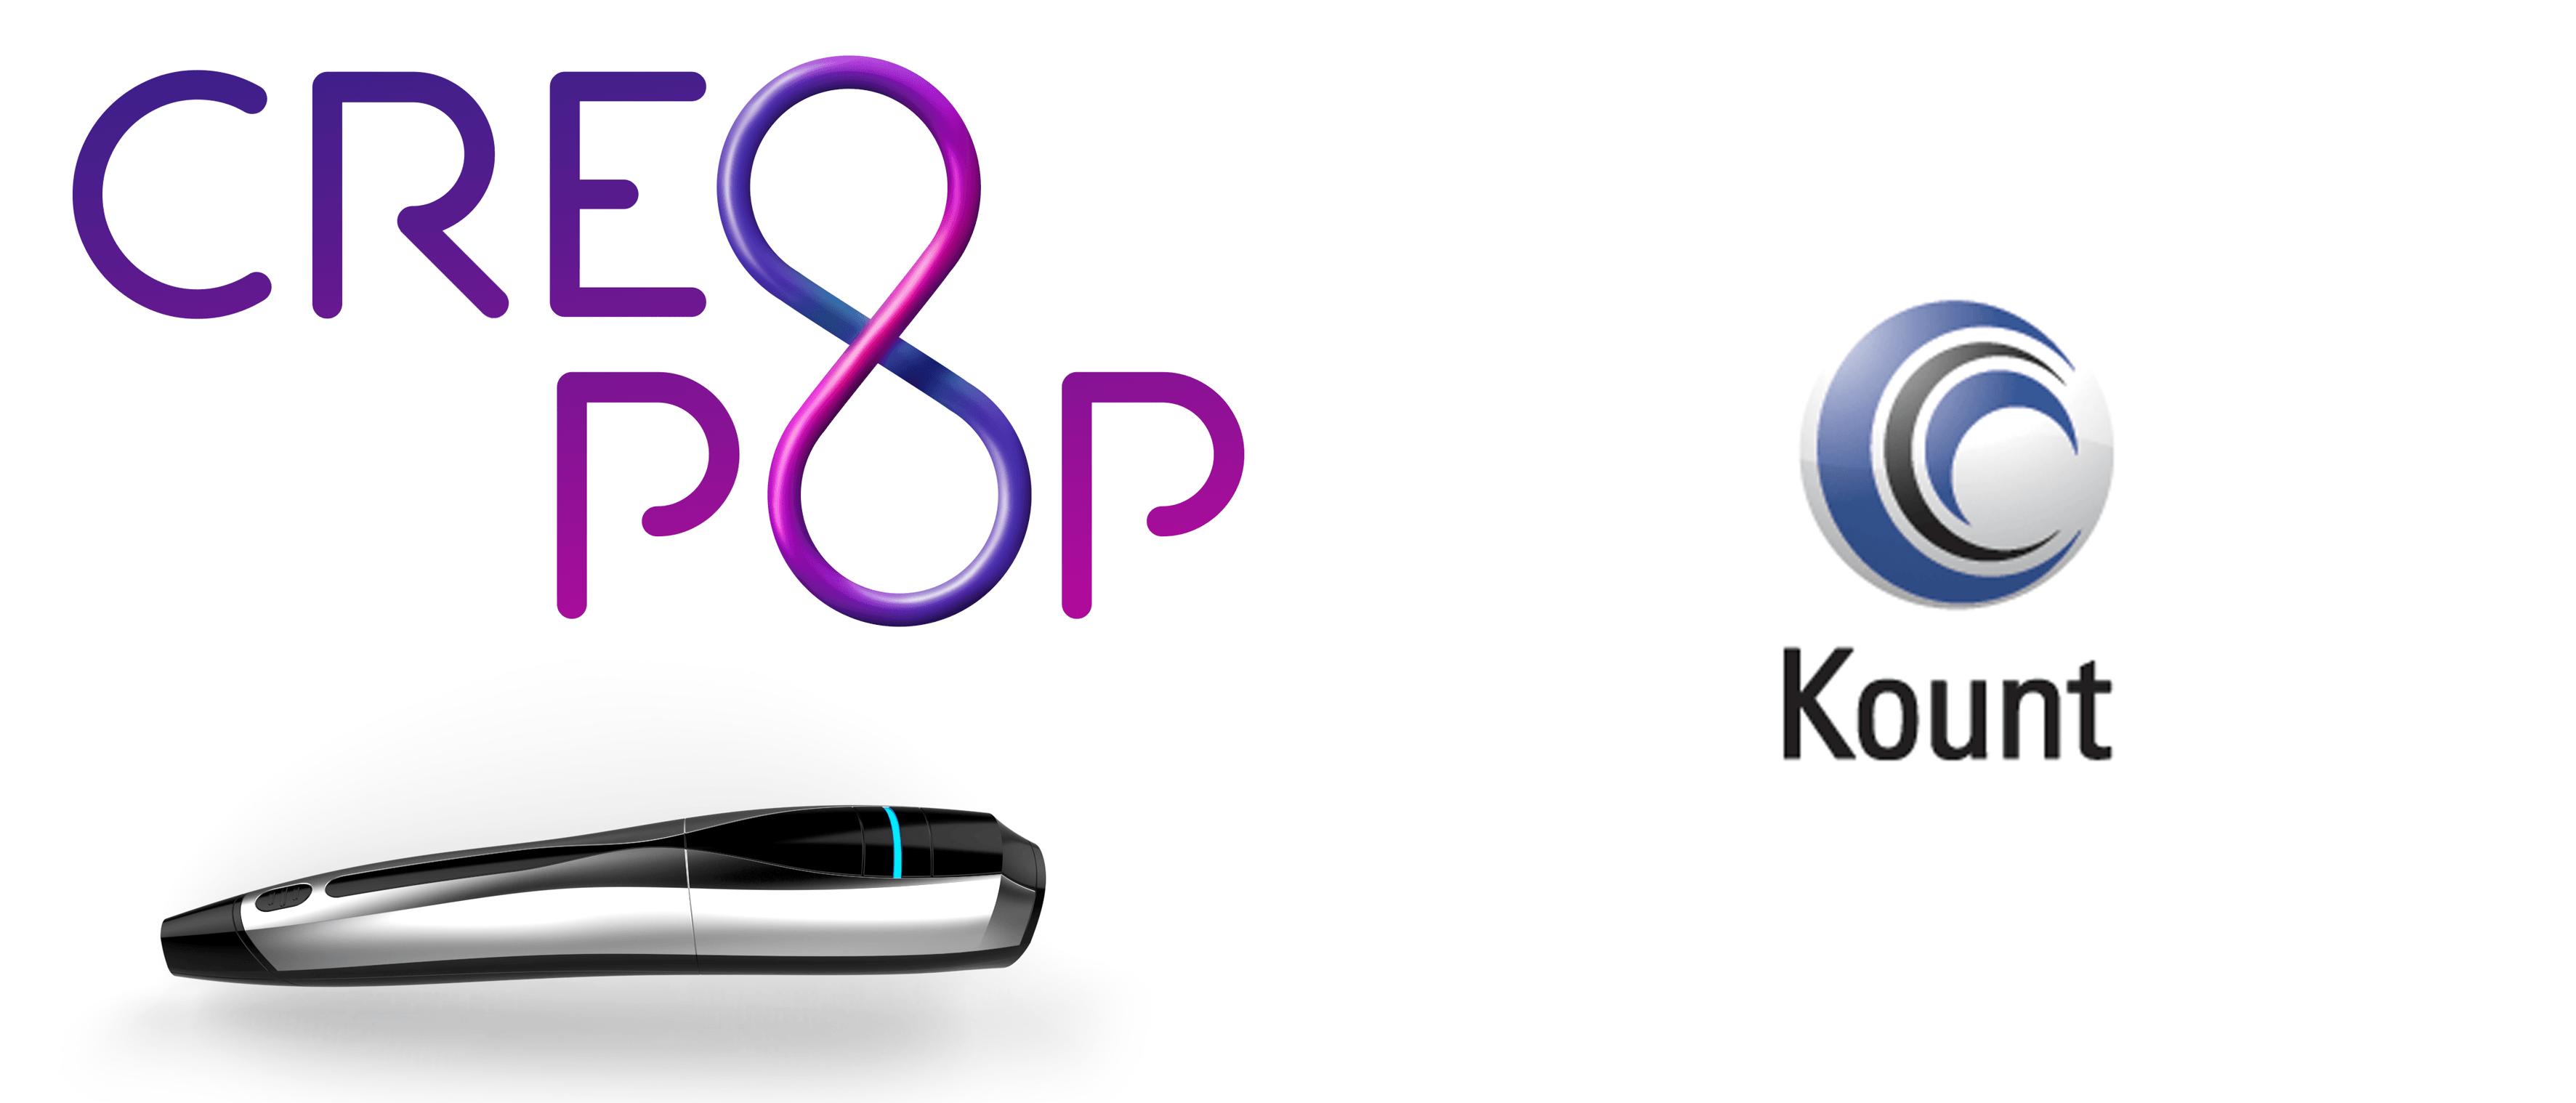 CreoPop 3D; Kount - http://computeramerica.com/2015/11/05/creopop-3d-kount/